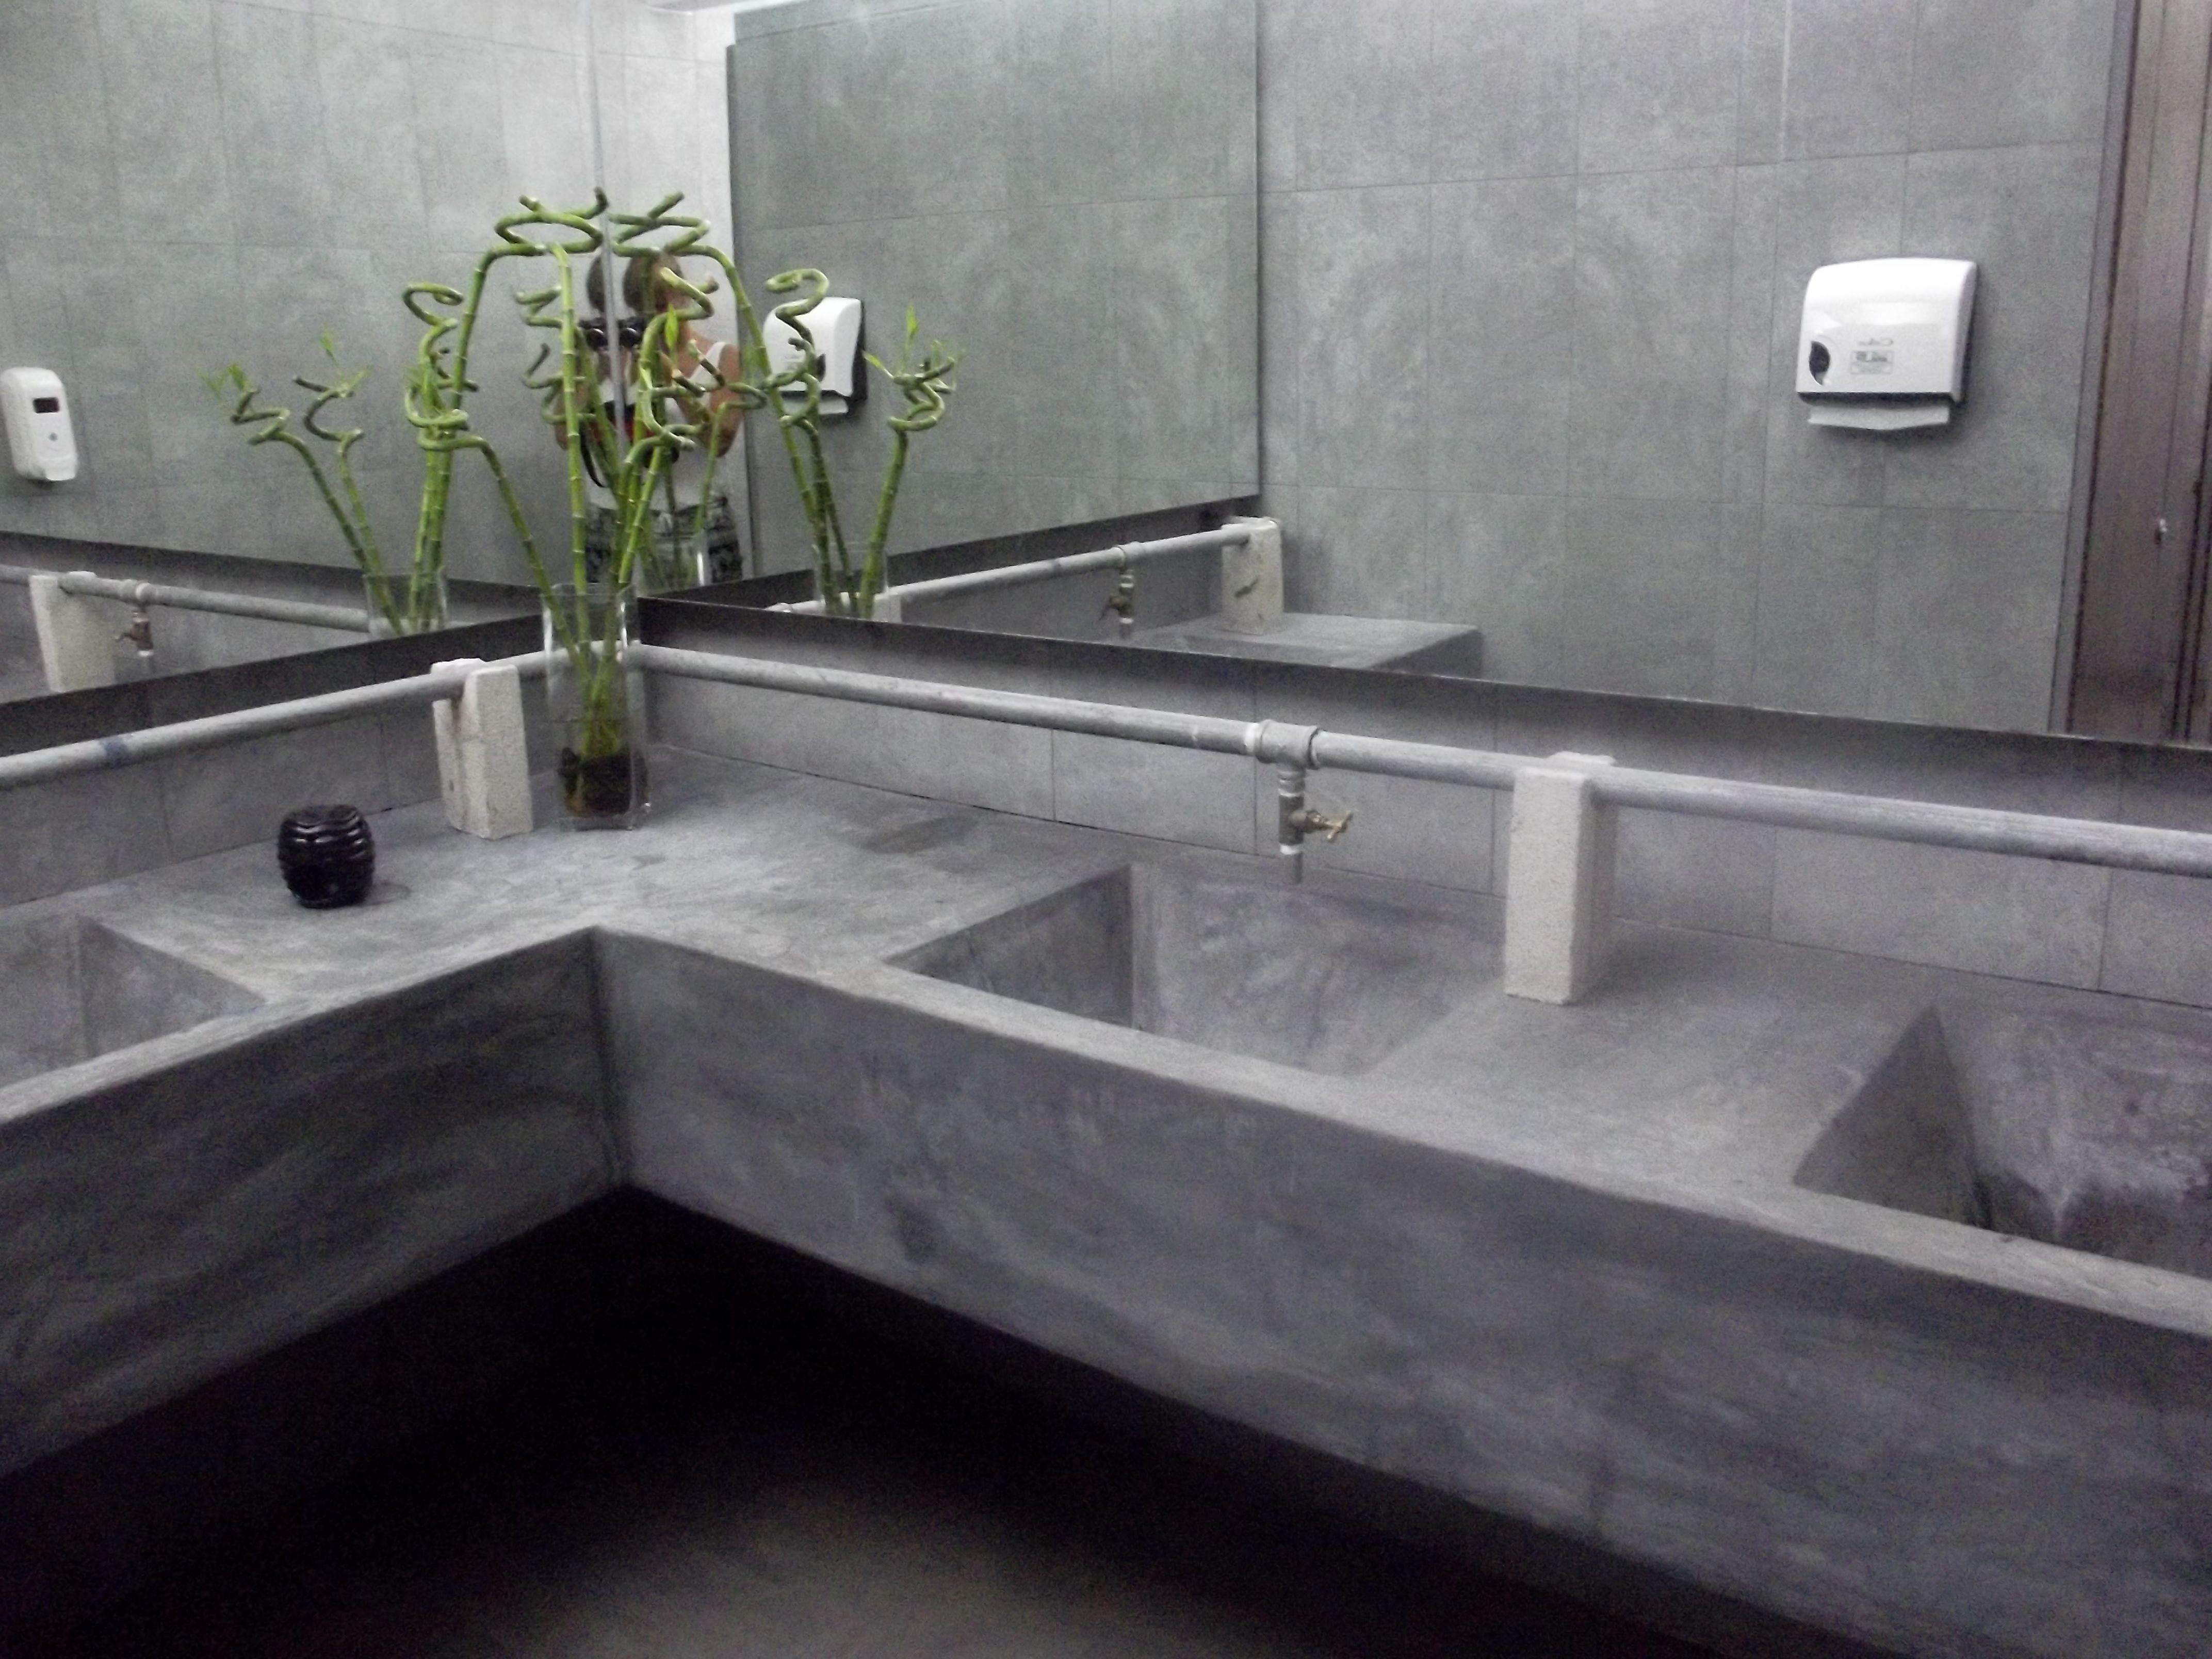 Concrete Sink Malaysia Concrete Sink Concrete Countertops Countertops